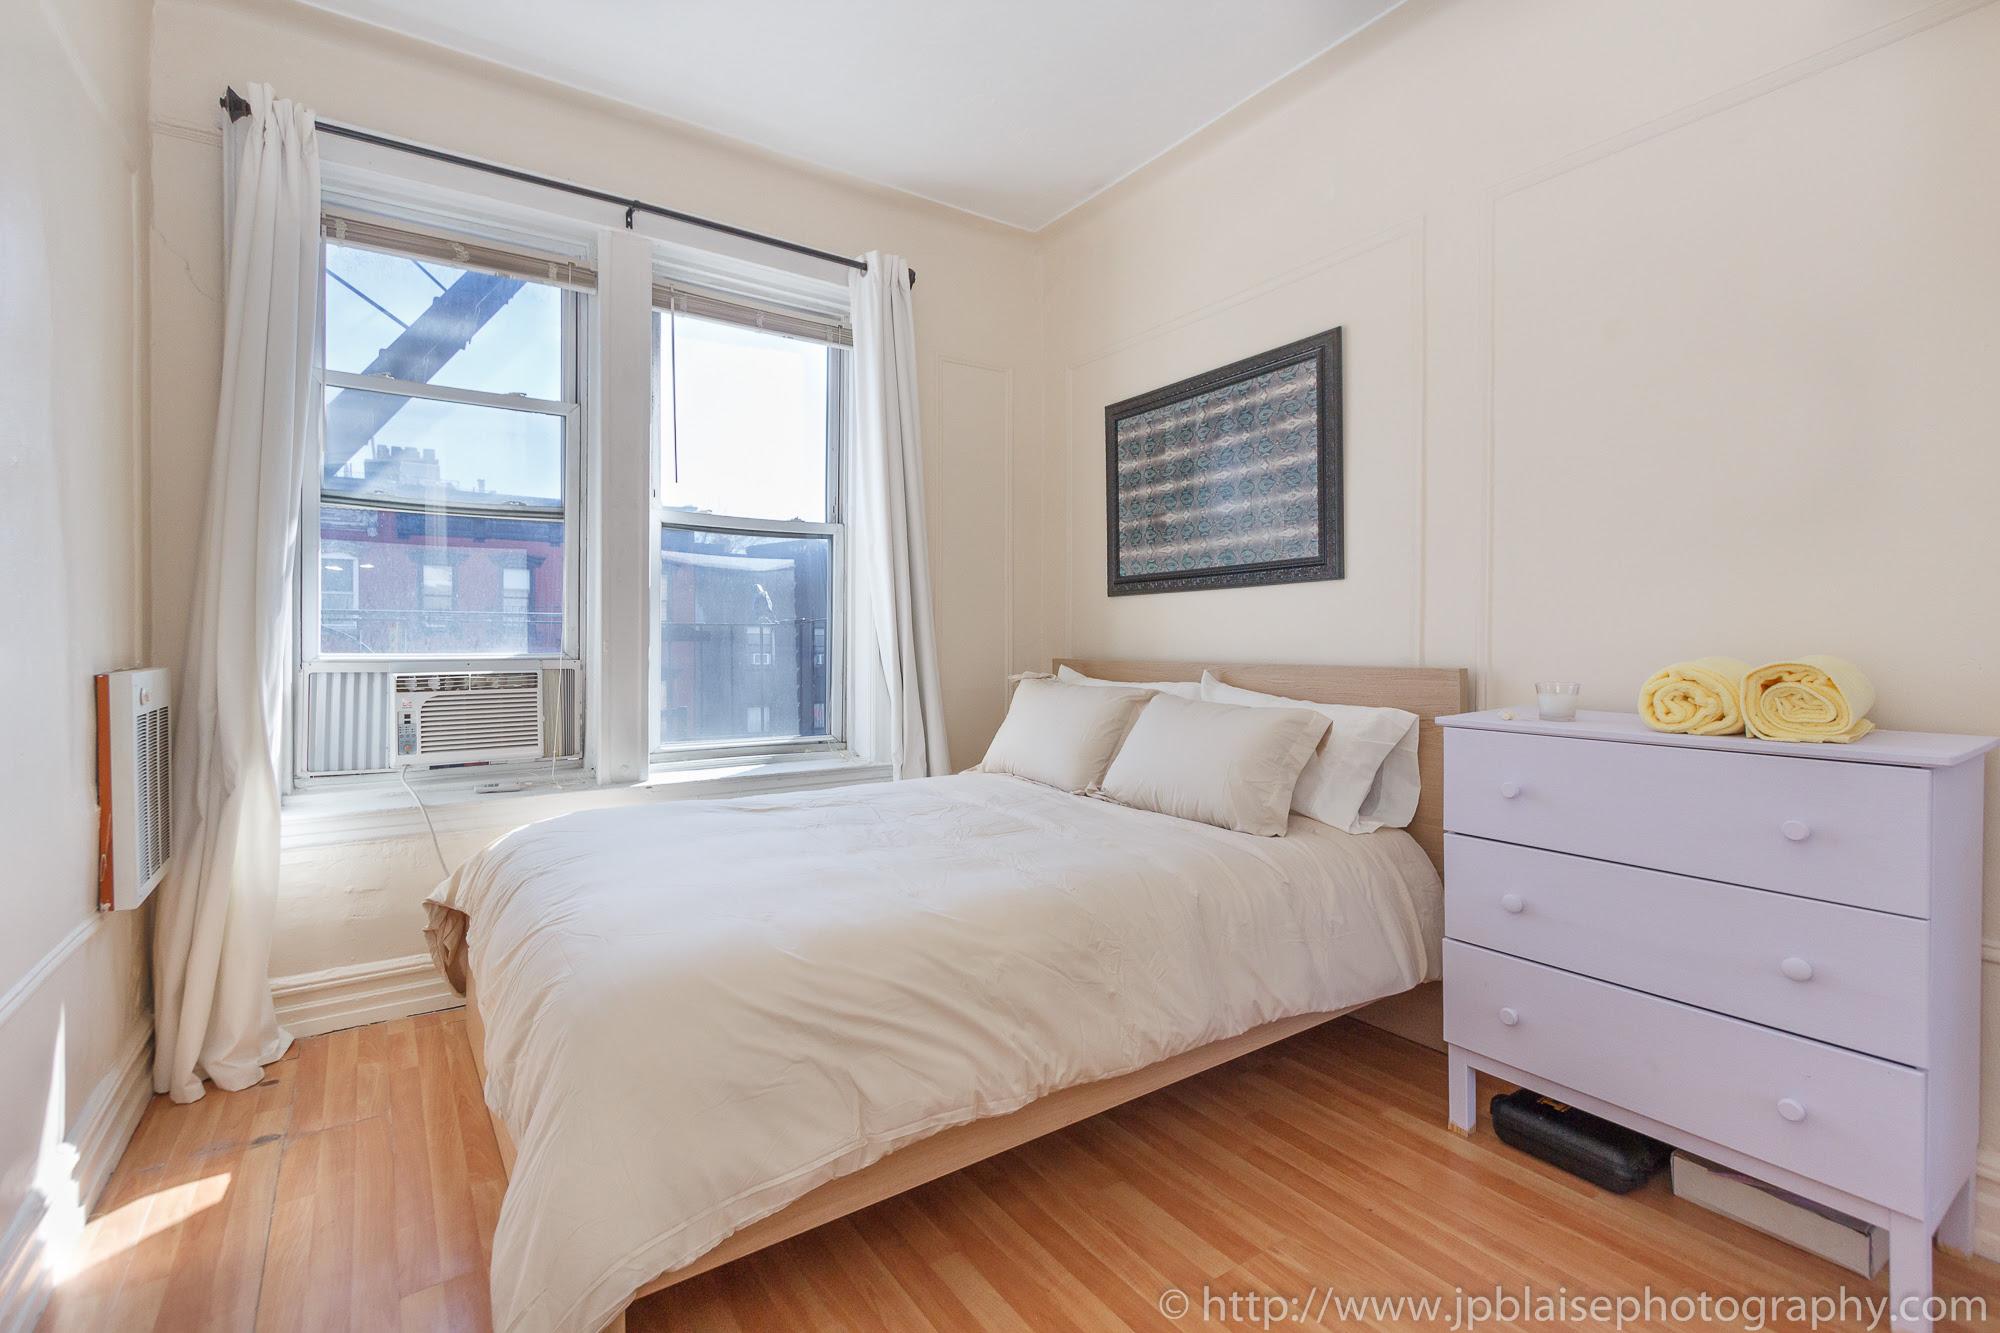 1 bedroom apartment in brooklyn - Scandinavian Interior Design